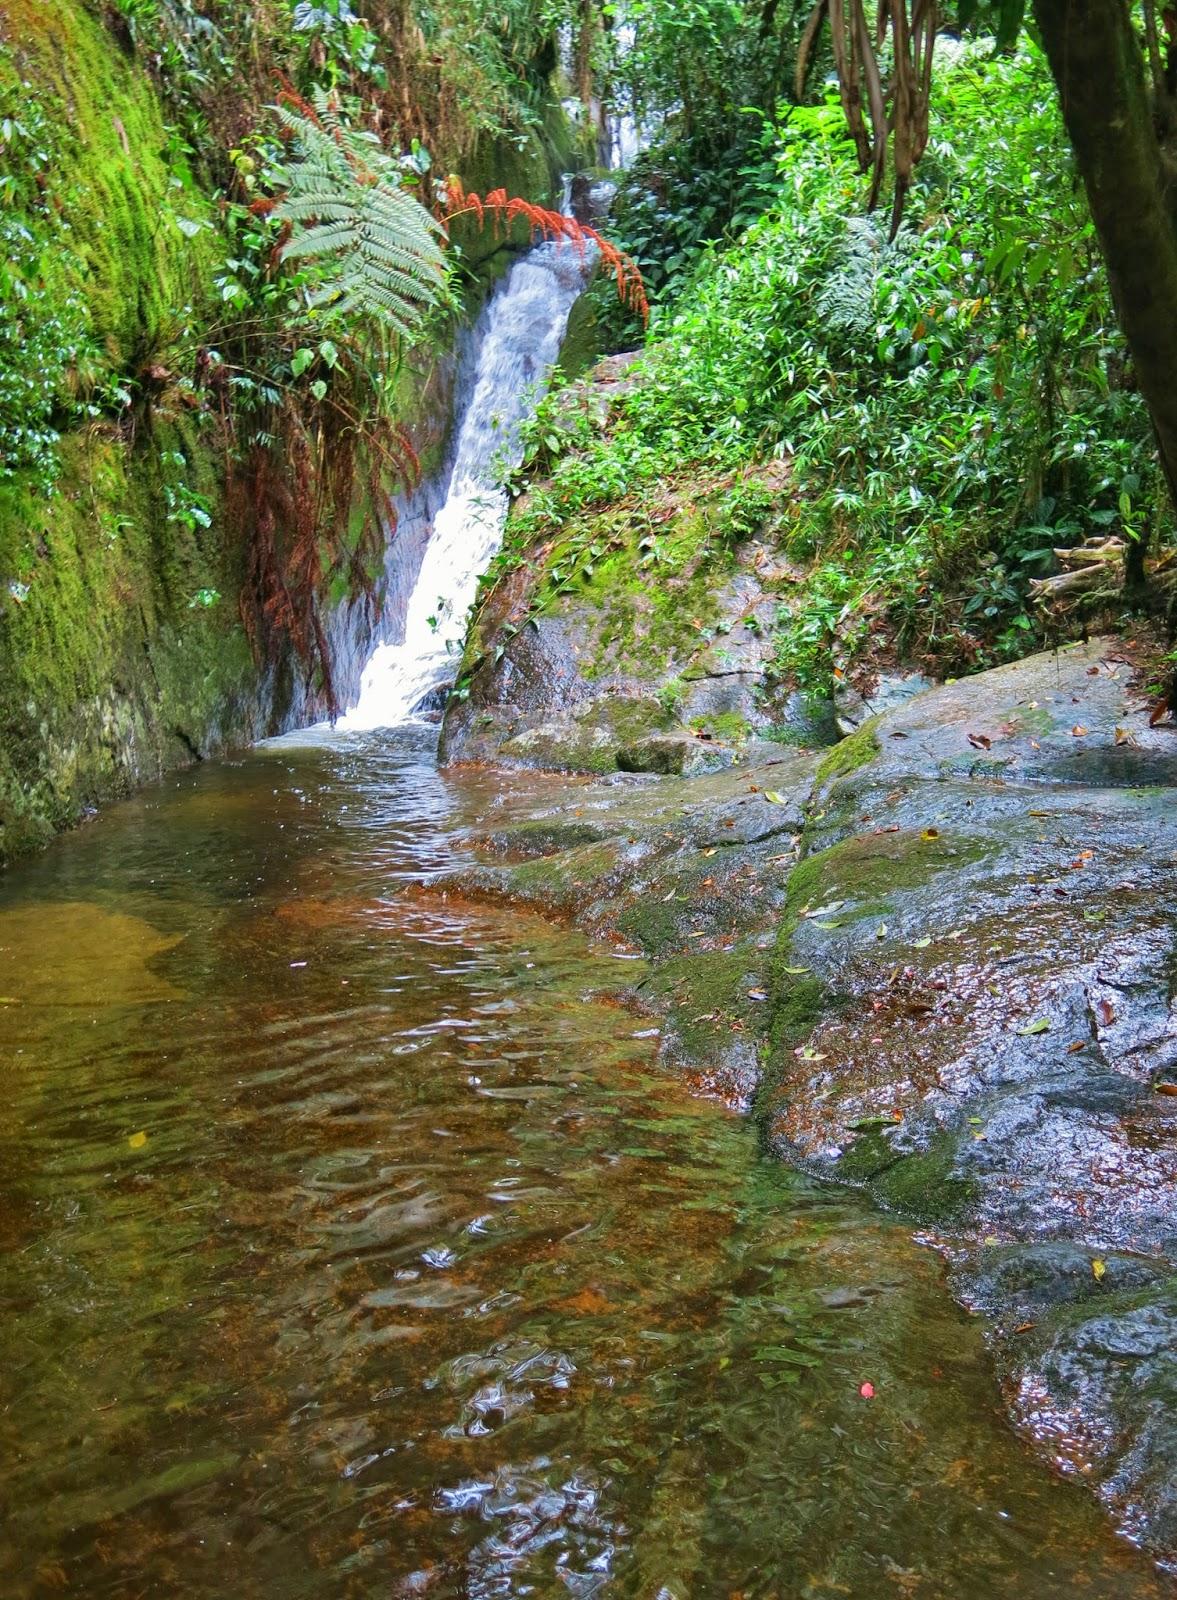 Cachoeira da Muralha, no Vale do Alcantilado, em Visconde de Mauá.